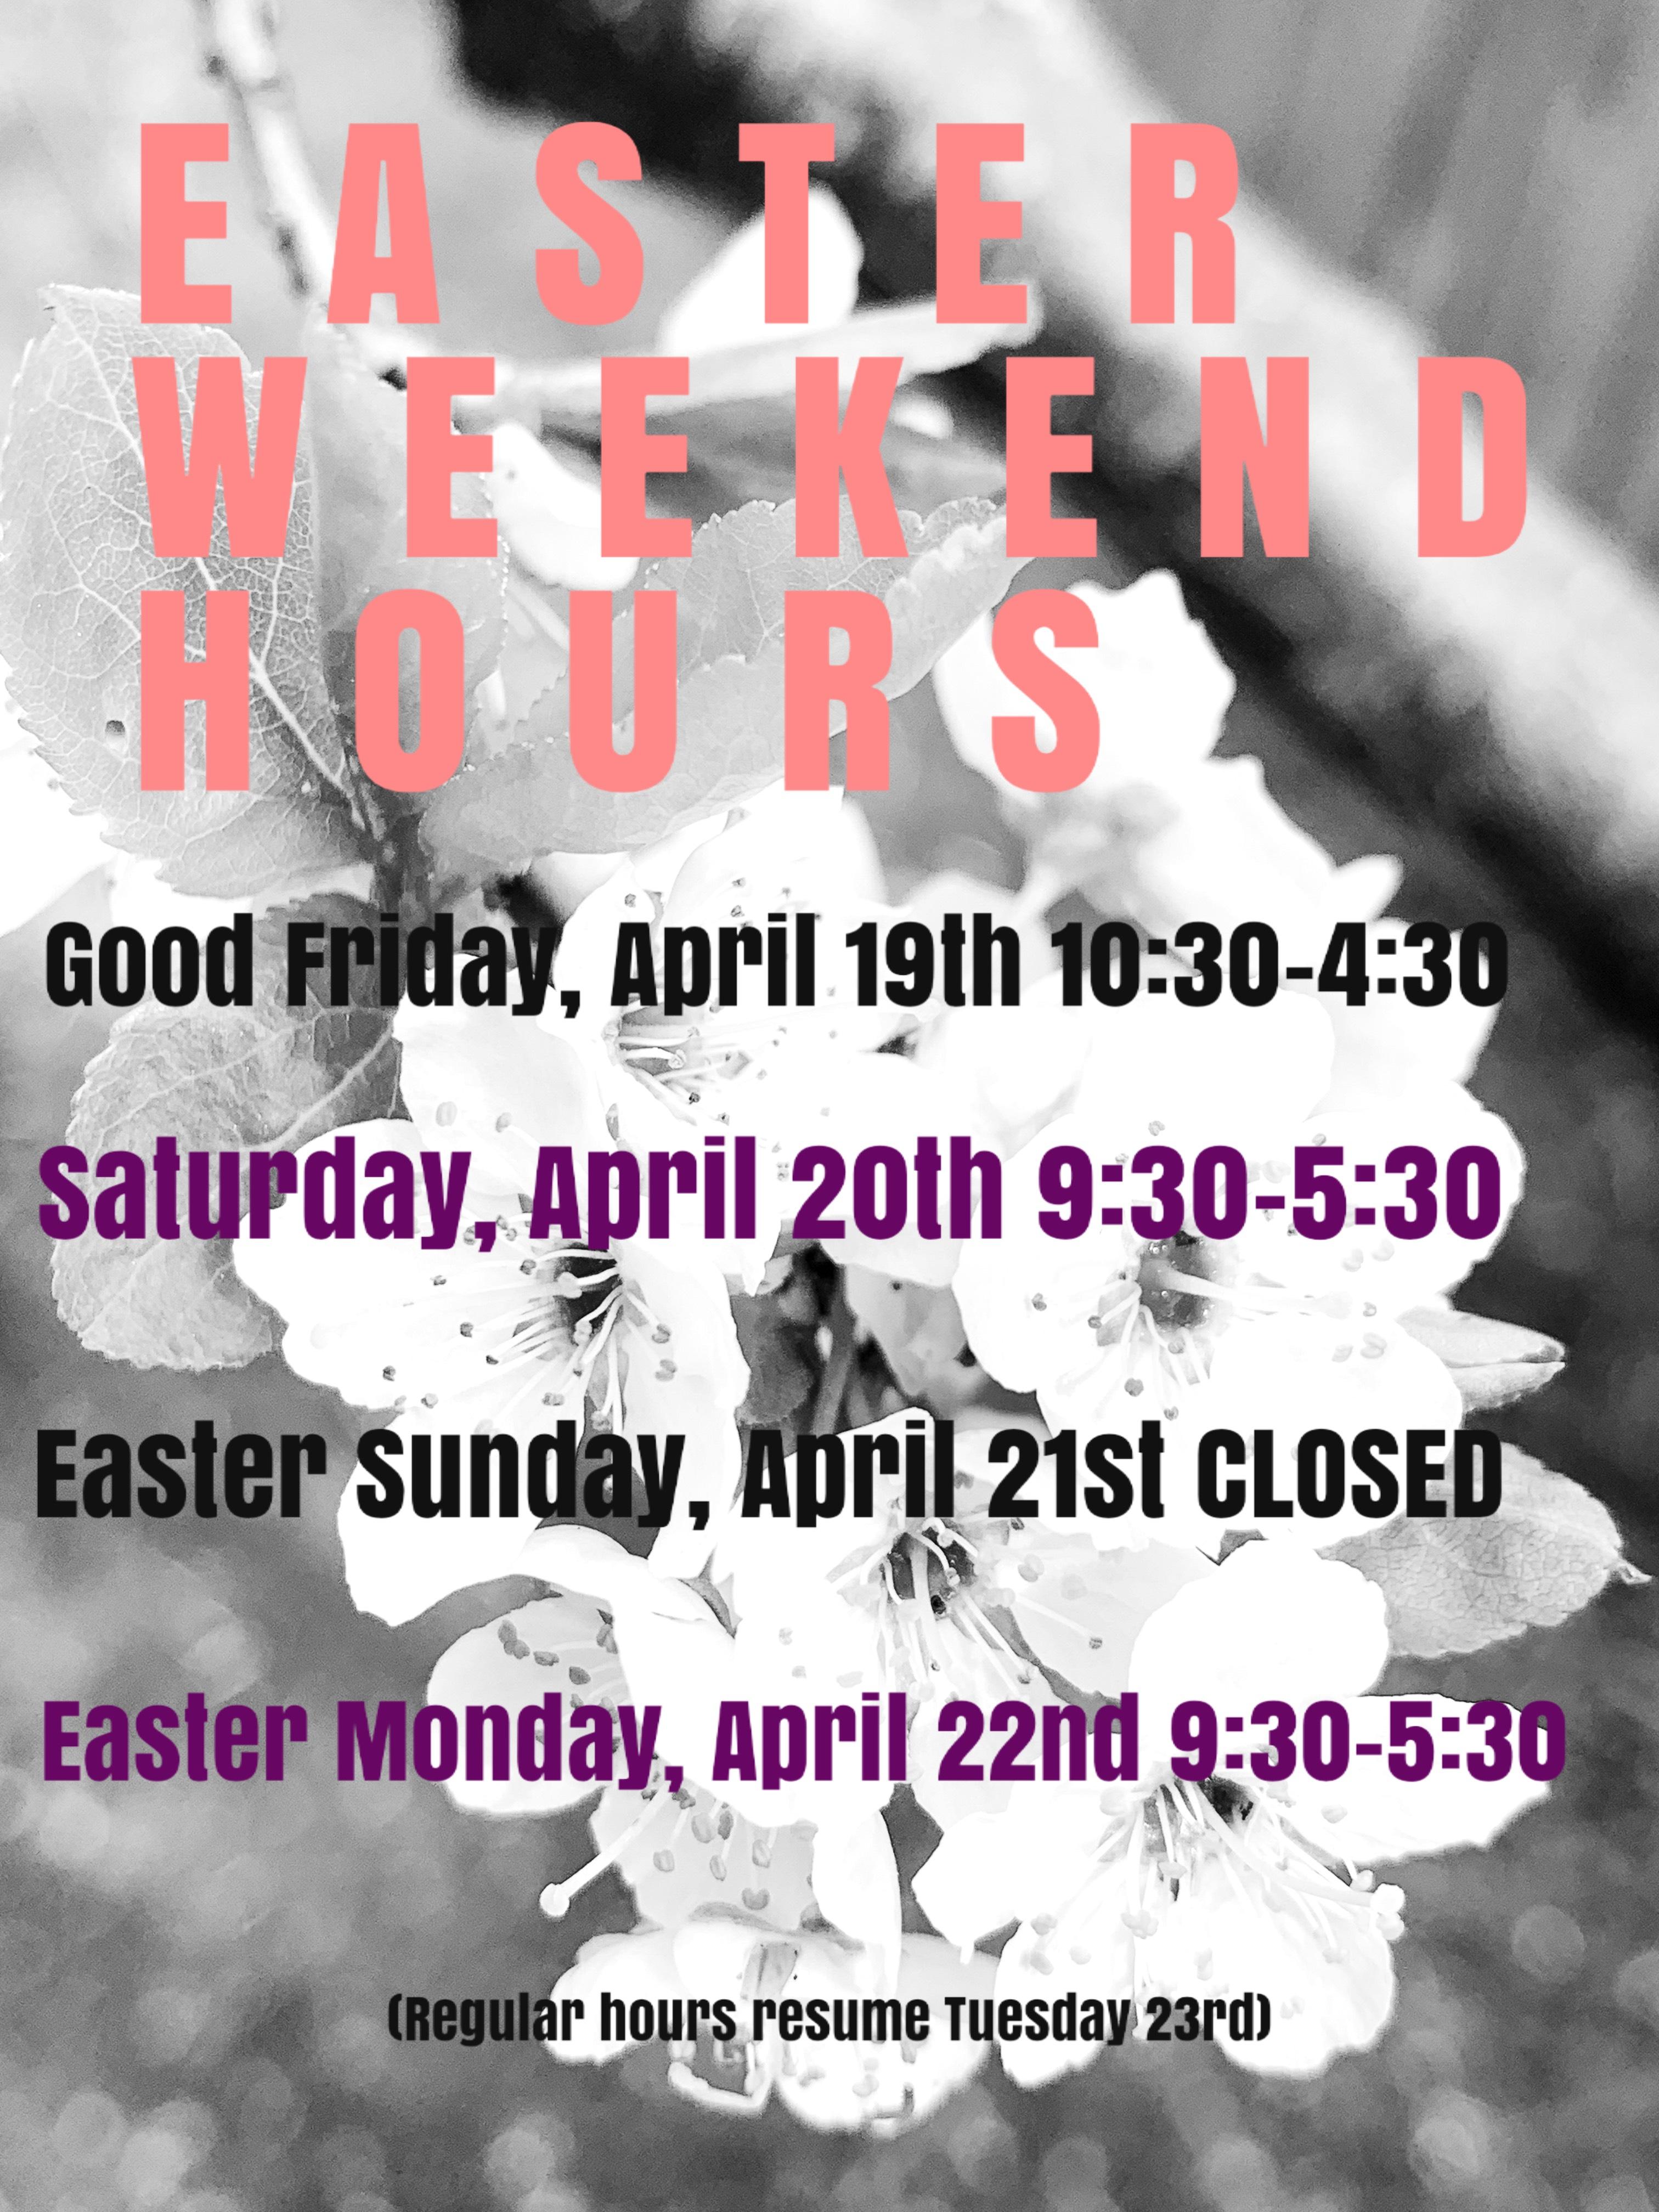 Easter Weekend Hours 2019